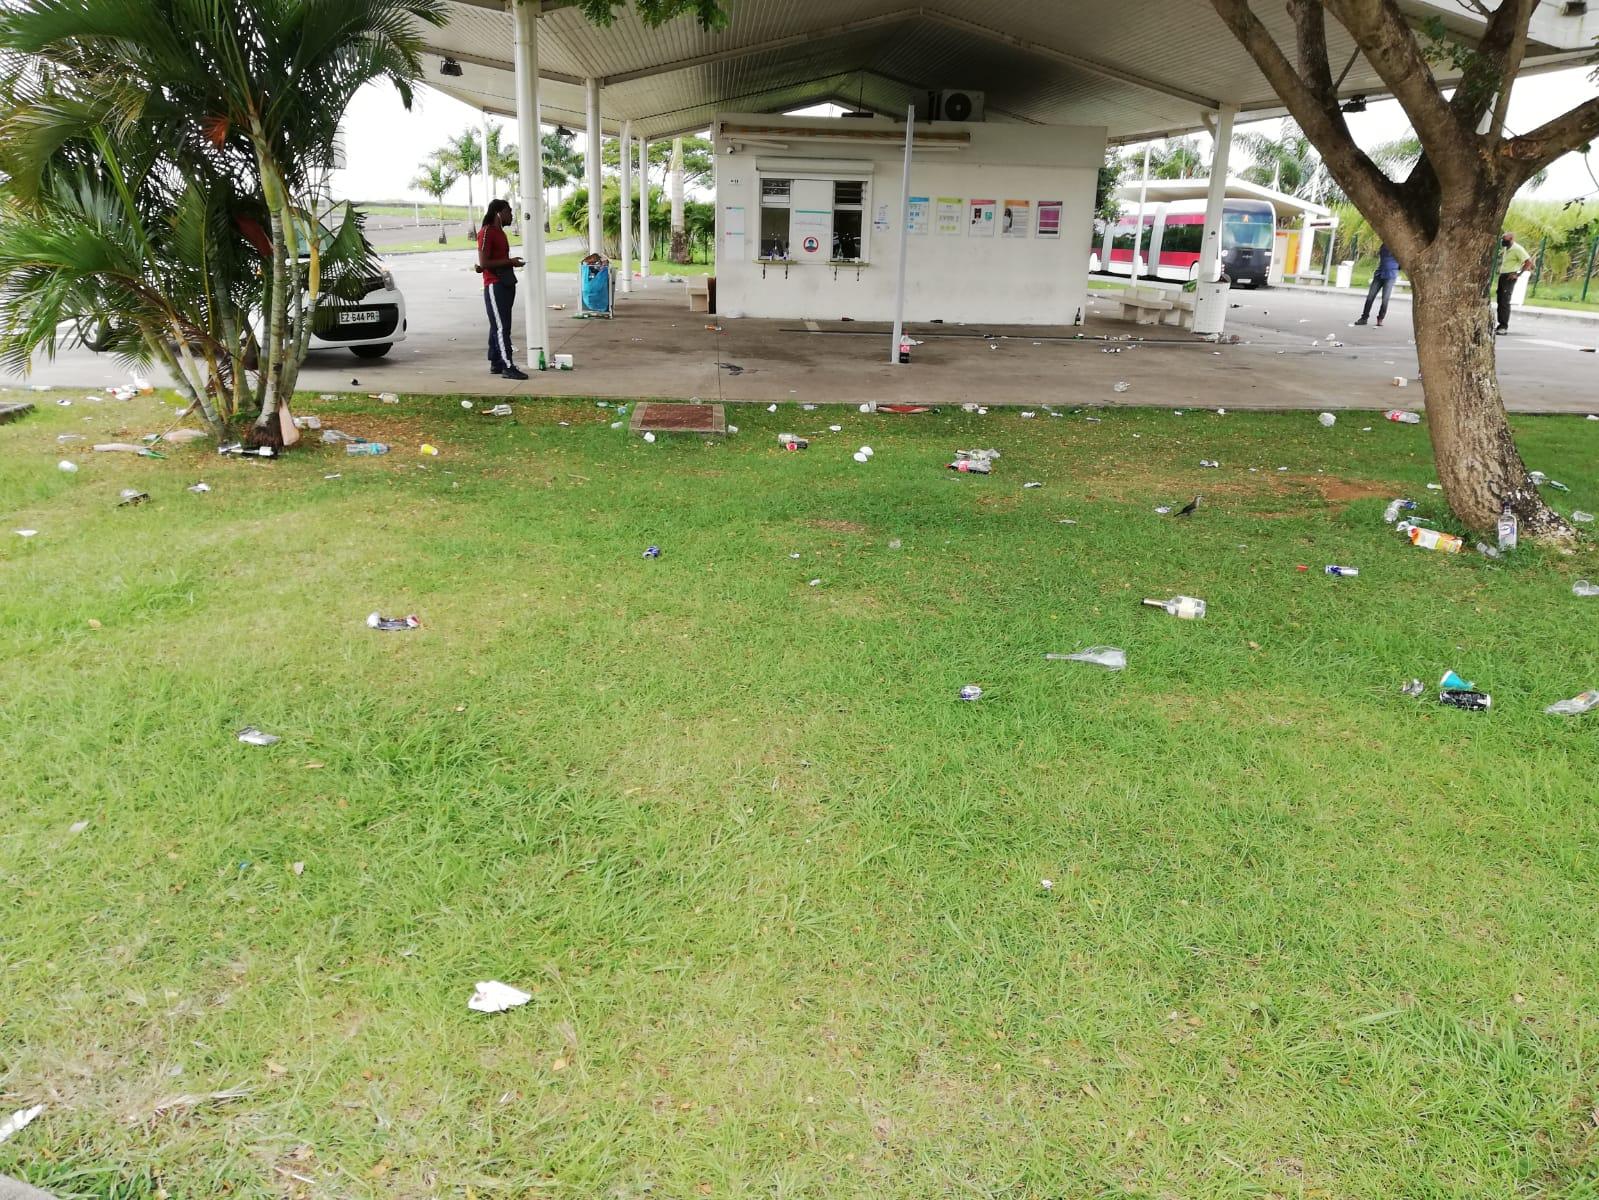 Des munitions, des bouteilles, des préservatifs : la gare de Carrère souillée par des fêtards